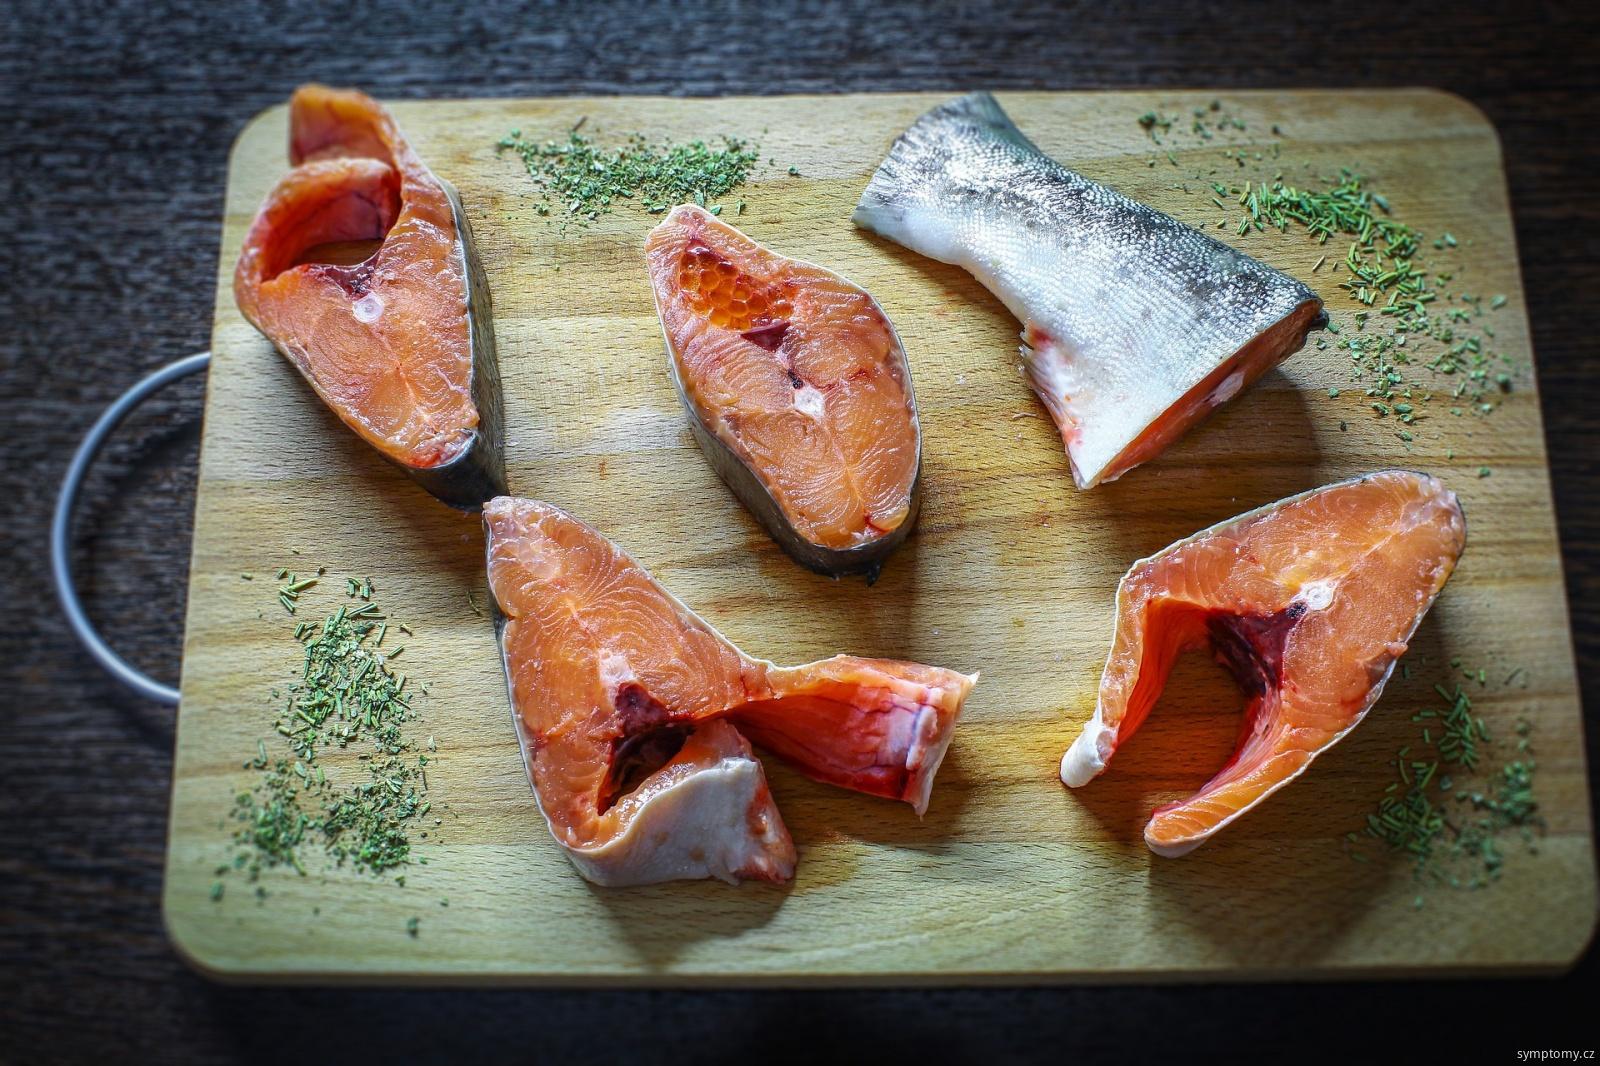 Zdroj omega-3 mastných kyselin